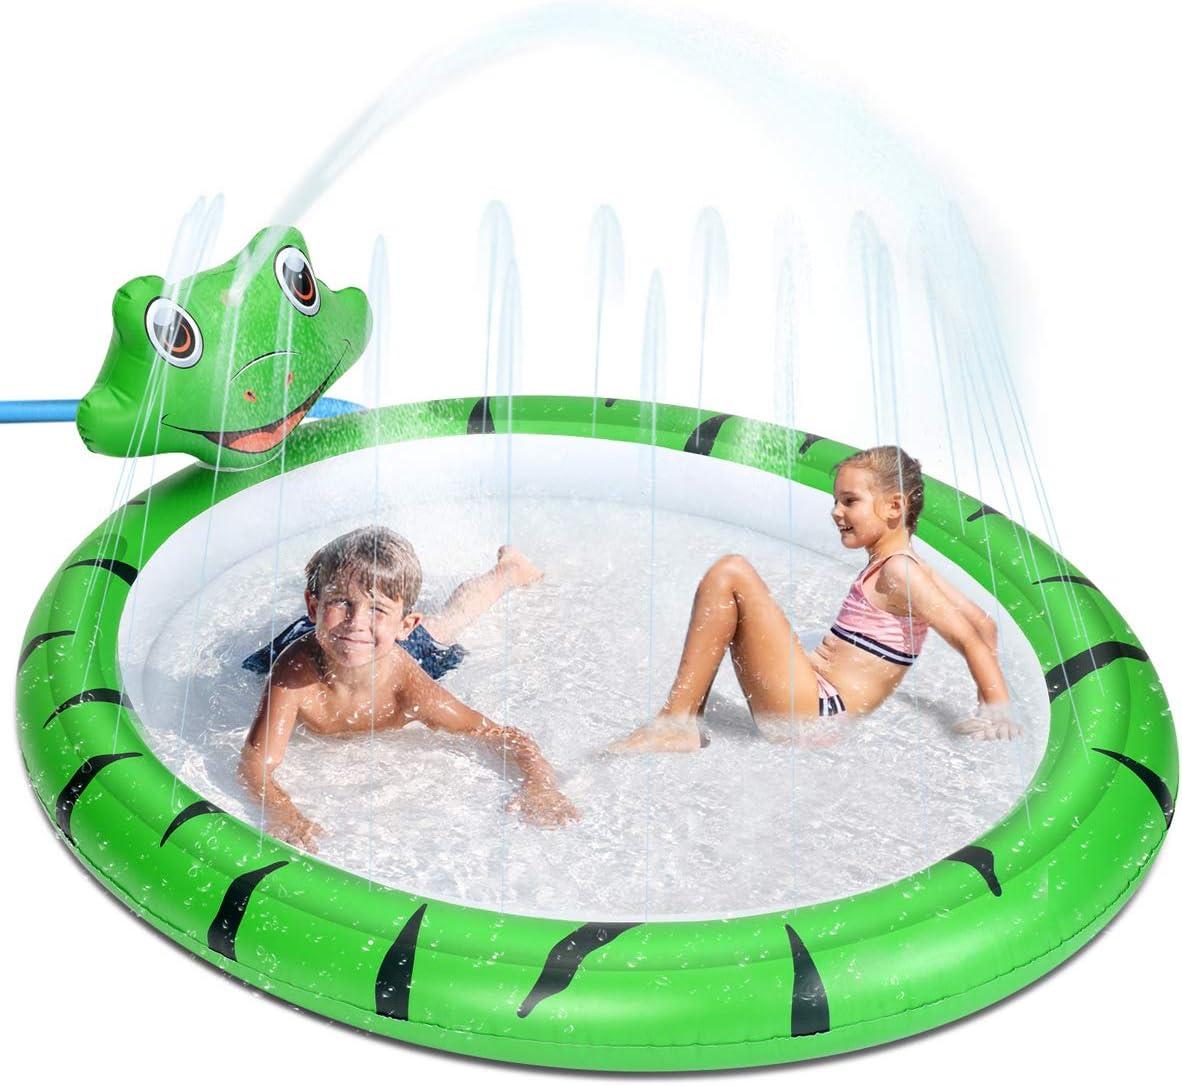 Splash Pad, Piscinas Hinchable Niños con Aspersor, Alfombrilla De Juego para Exteriores, Juguete de Agua, para Jardín, Patio Trasero Niños